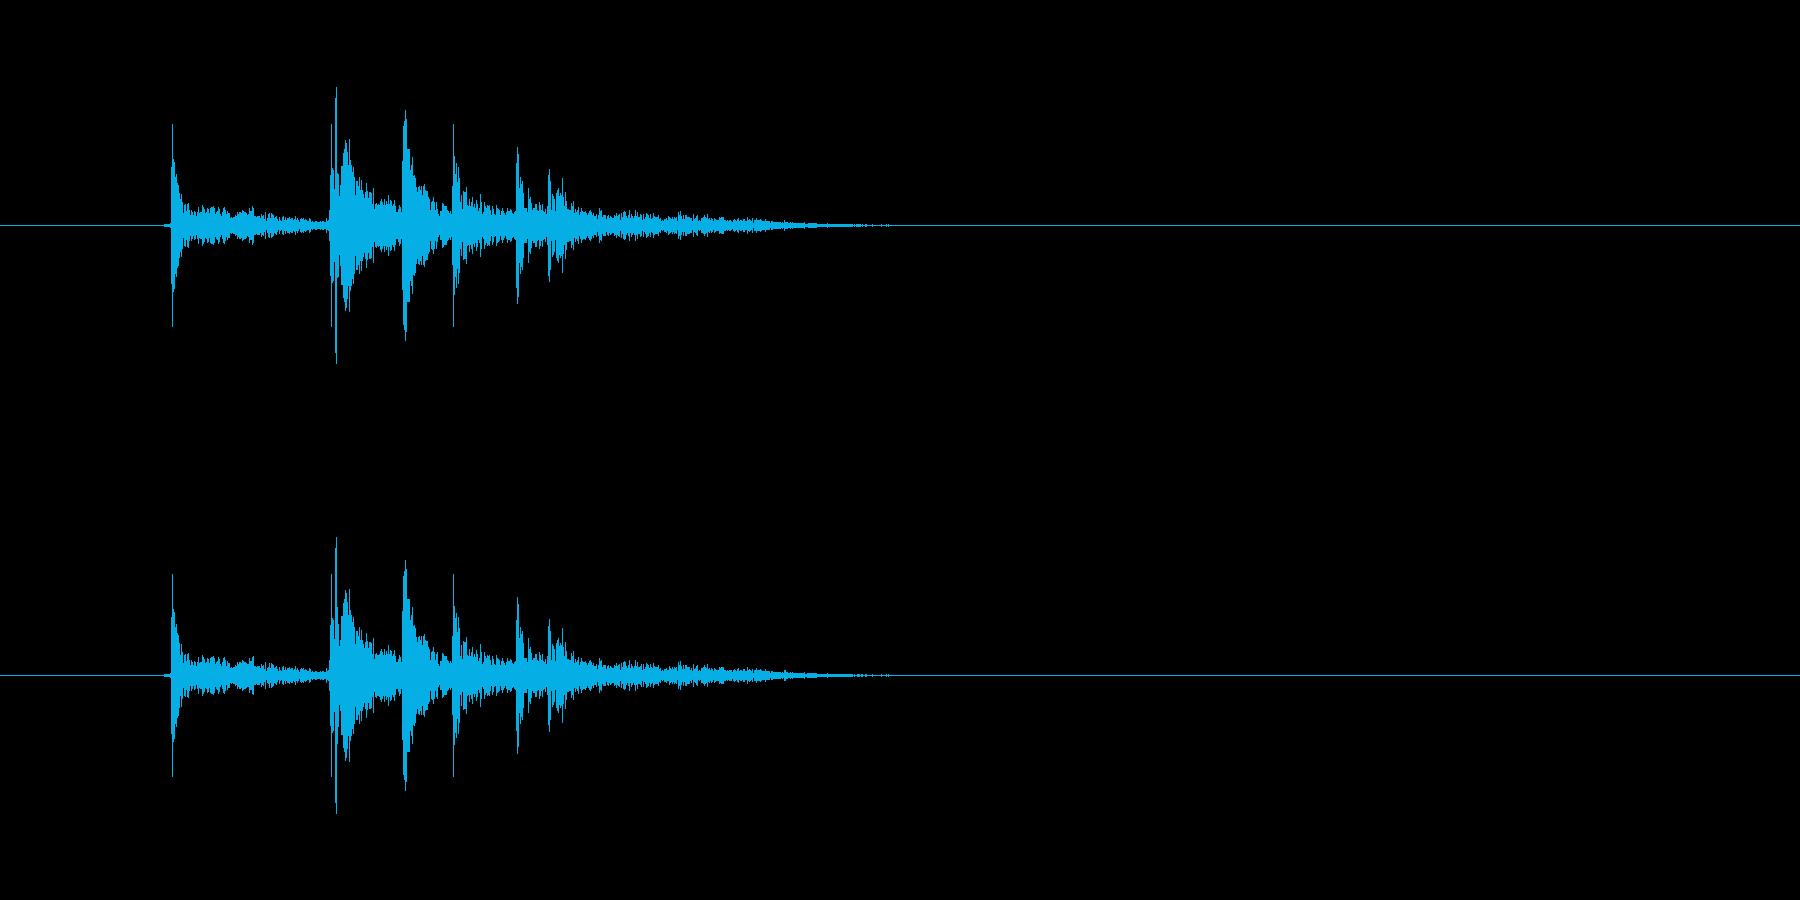 金属の物を置く音(カチャリ)の再生済みの波形